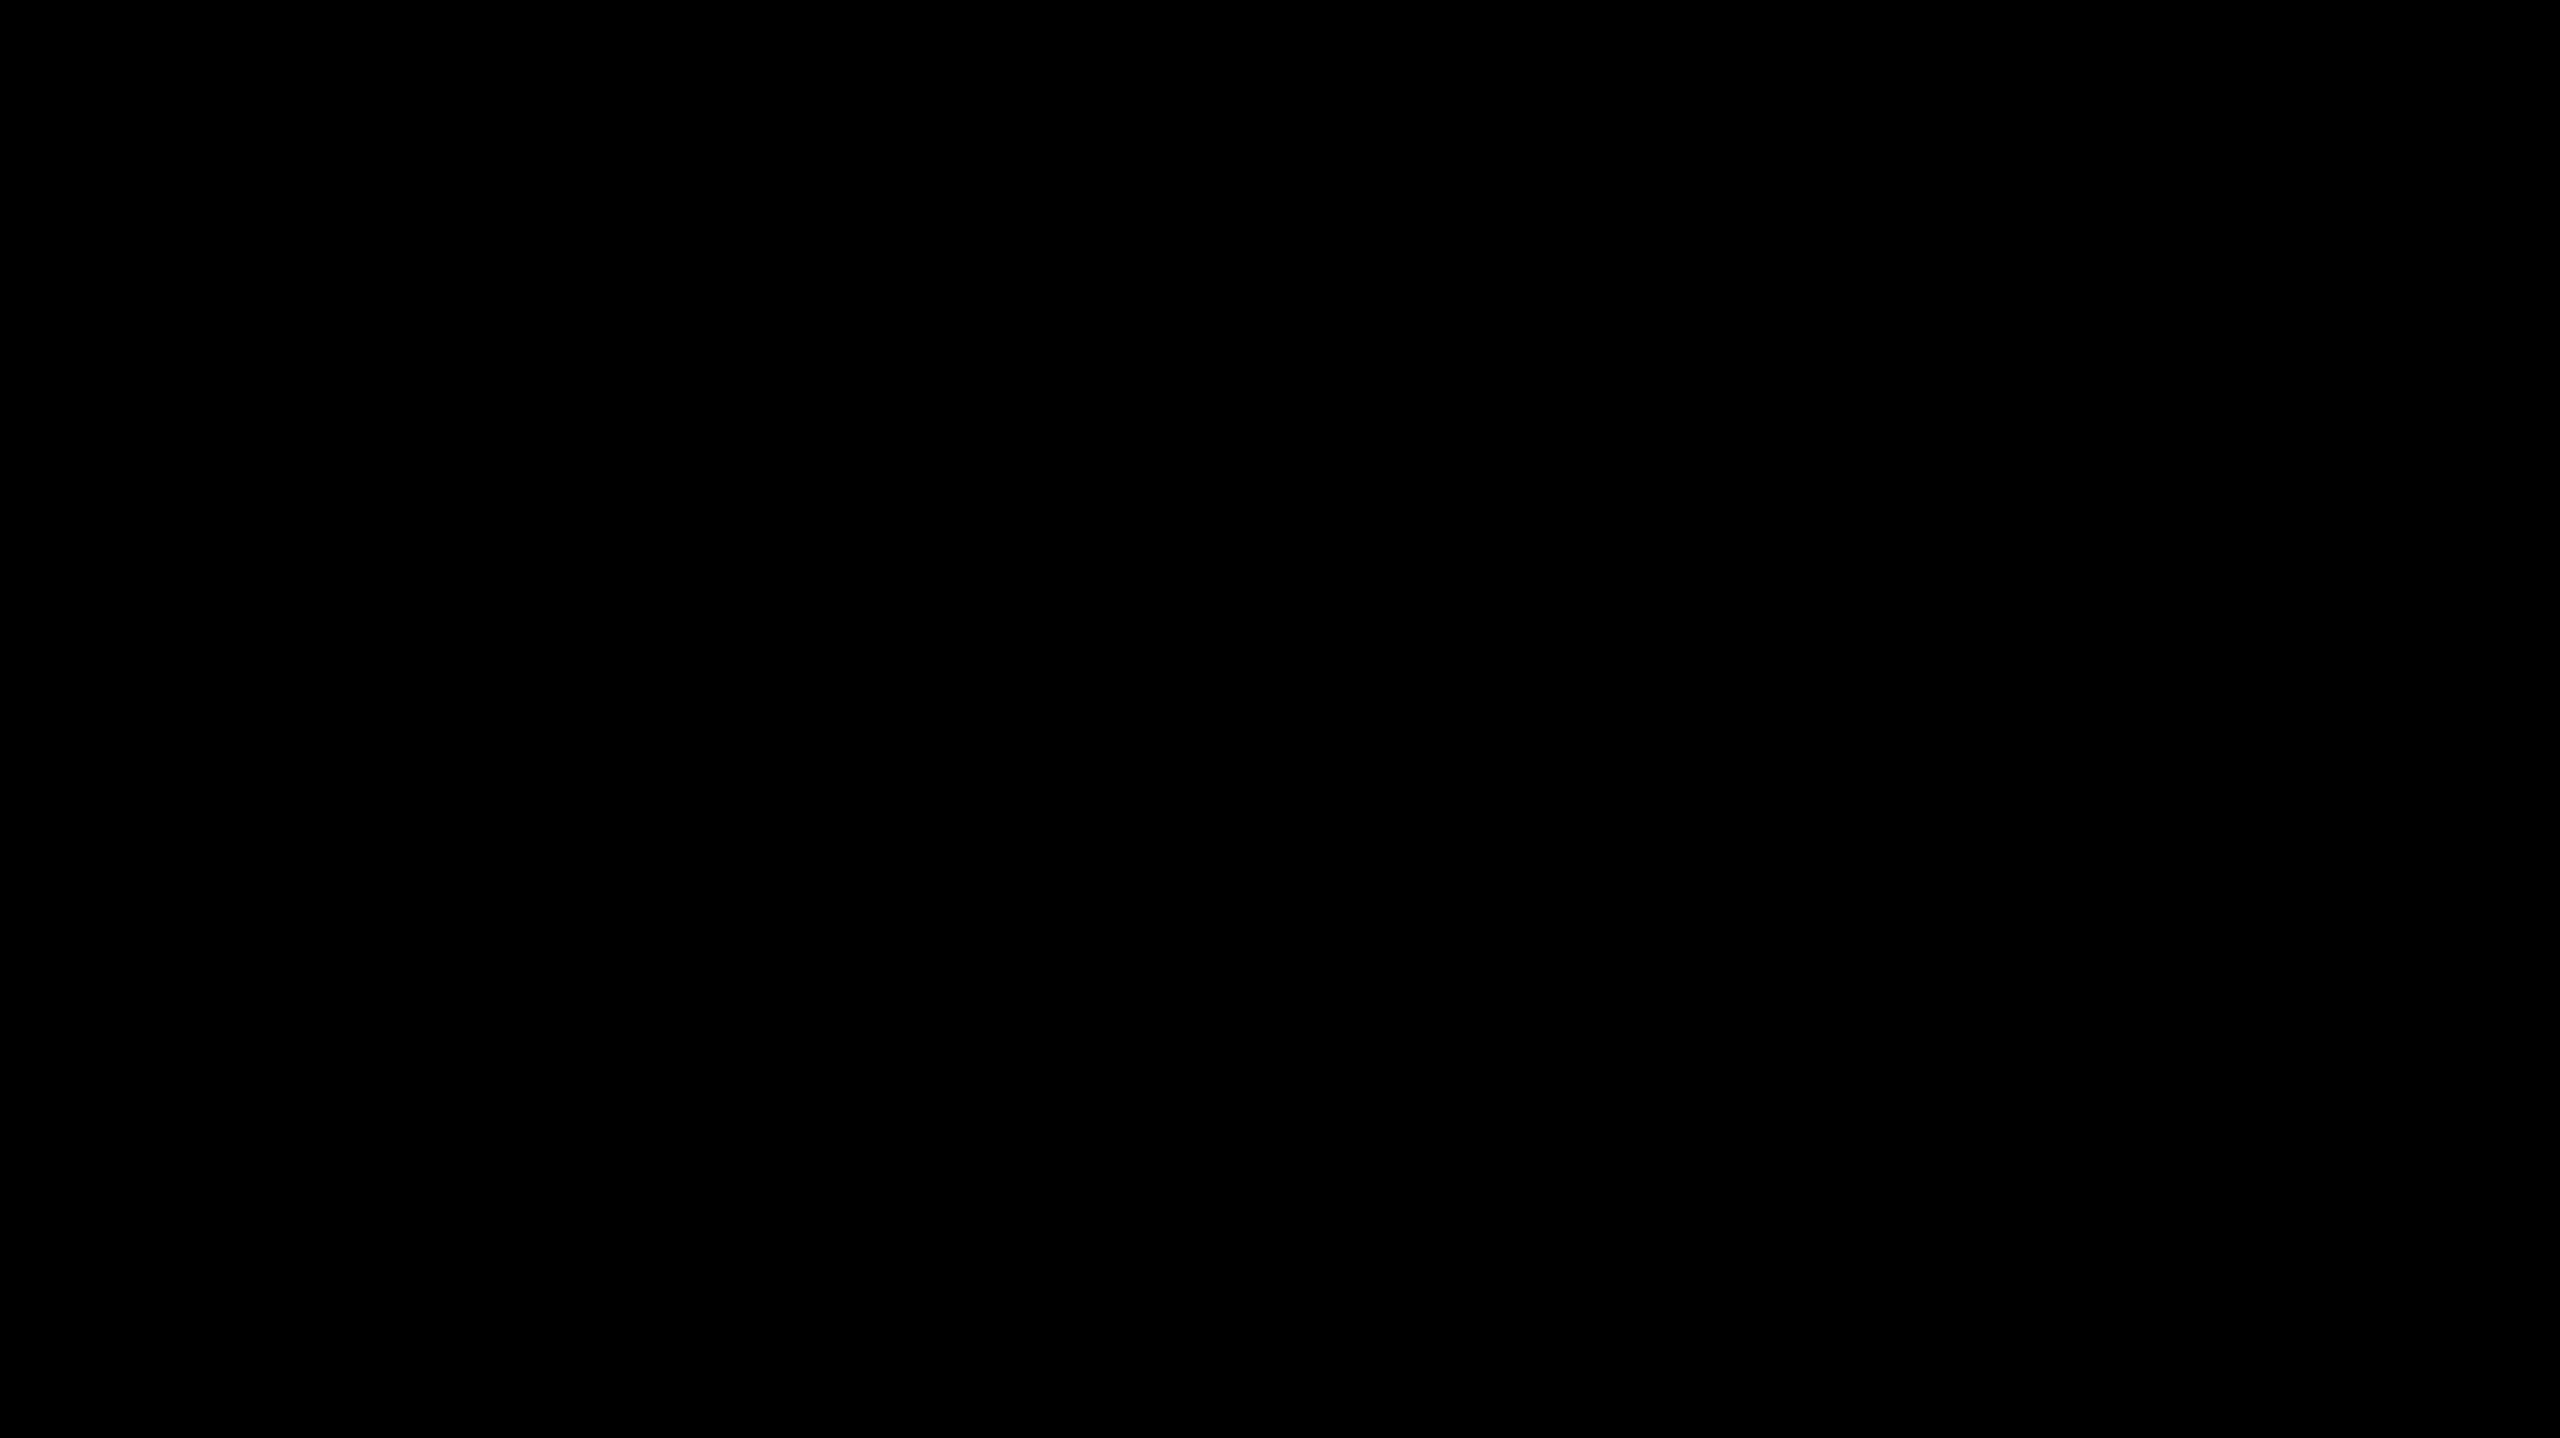 DSCN5861